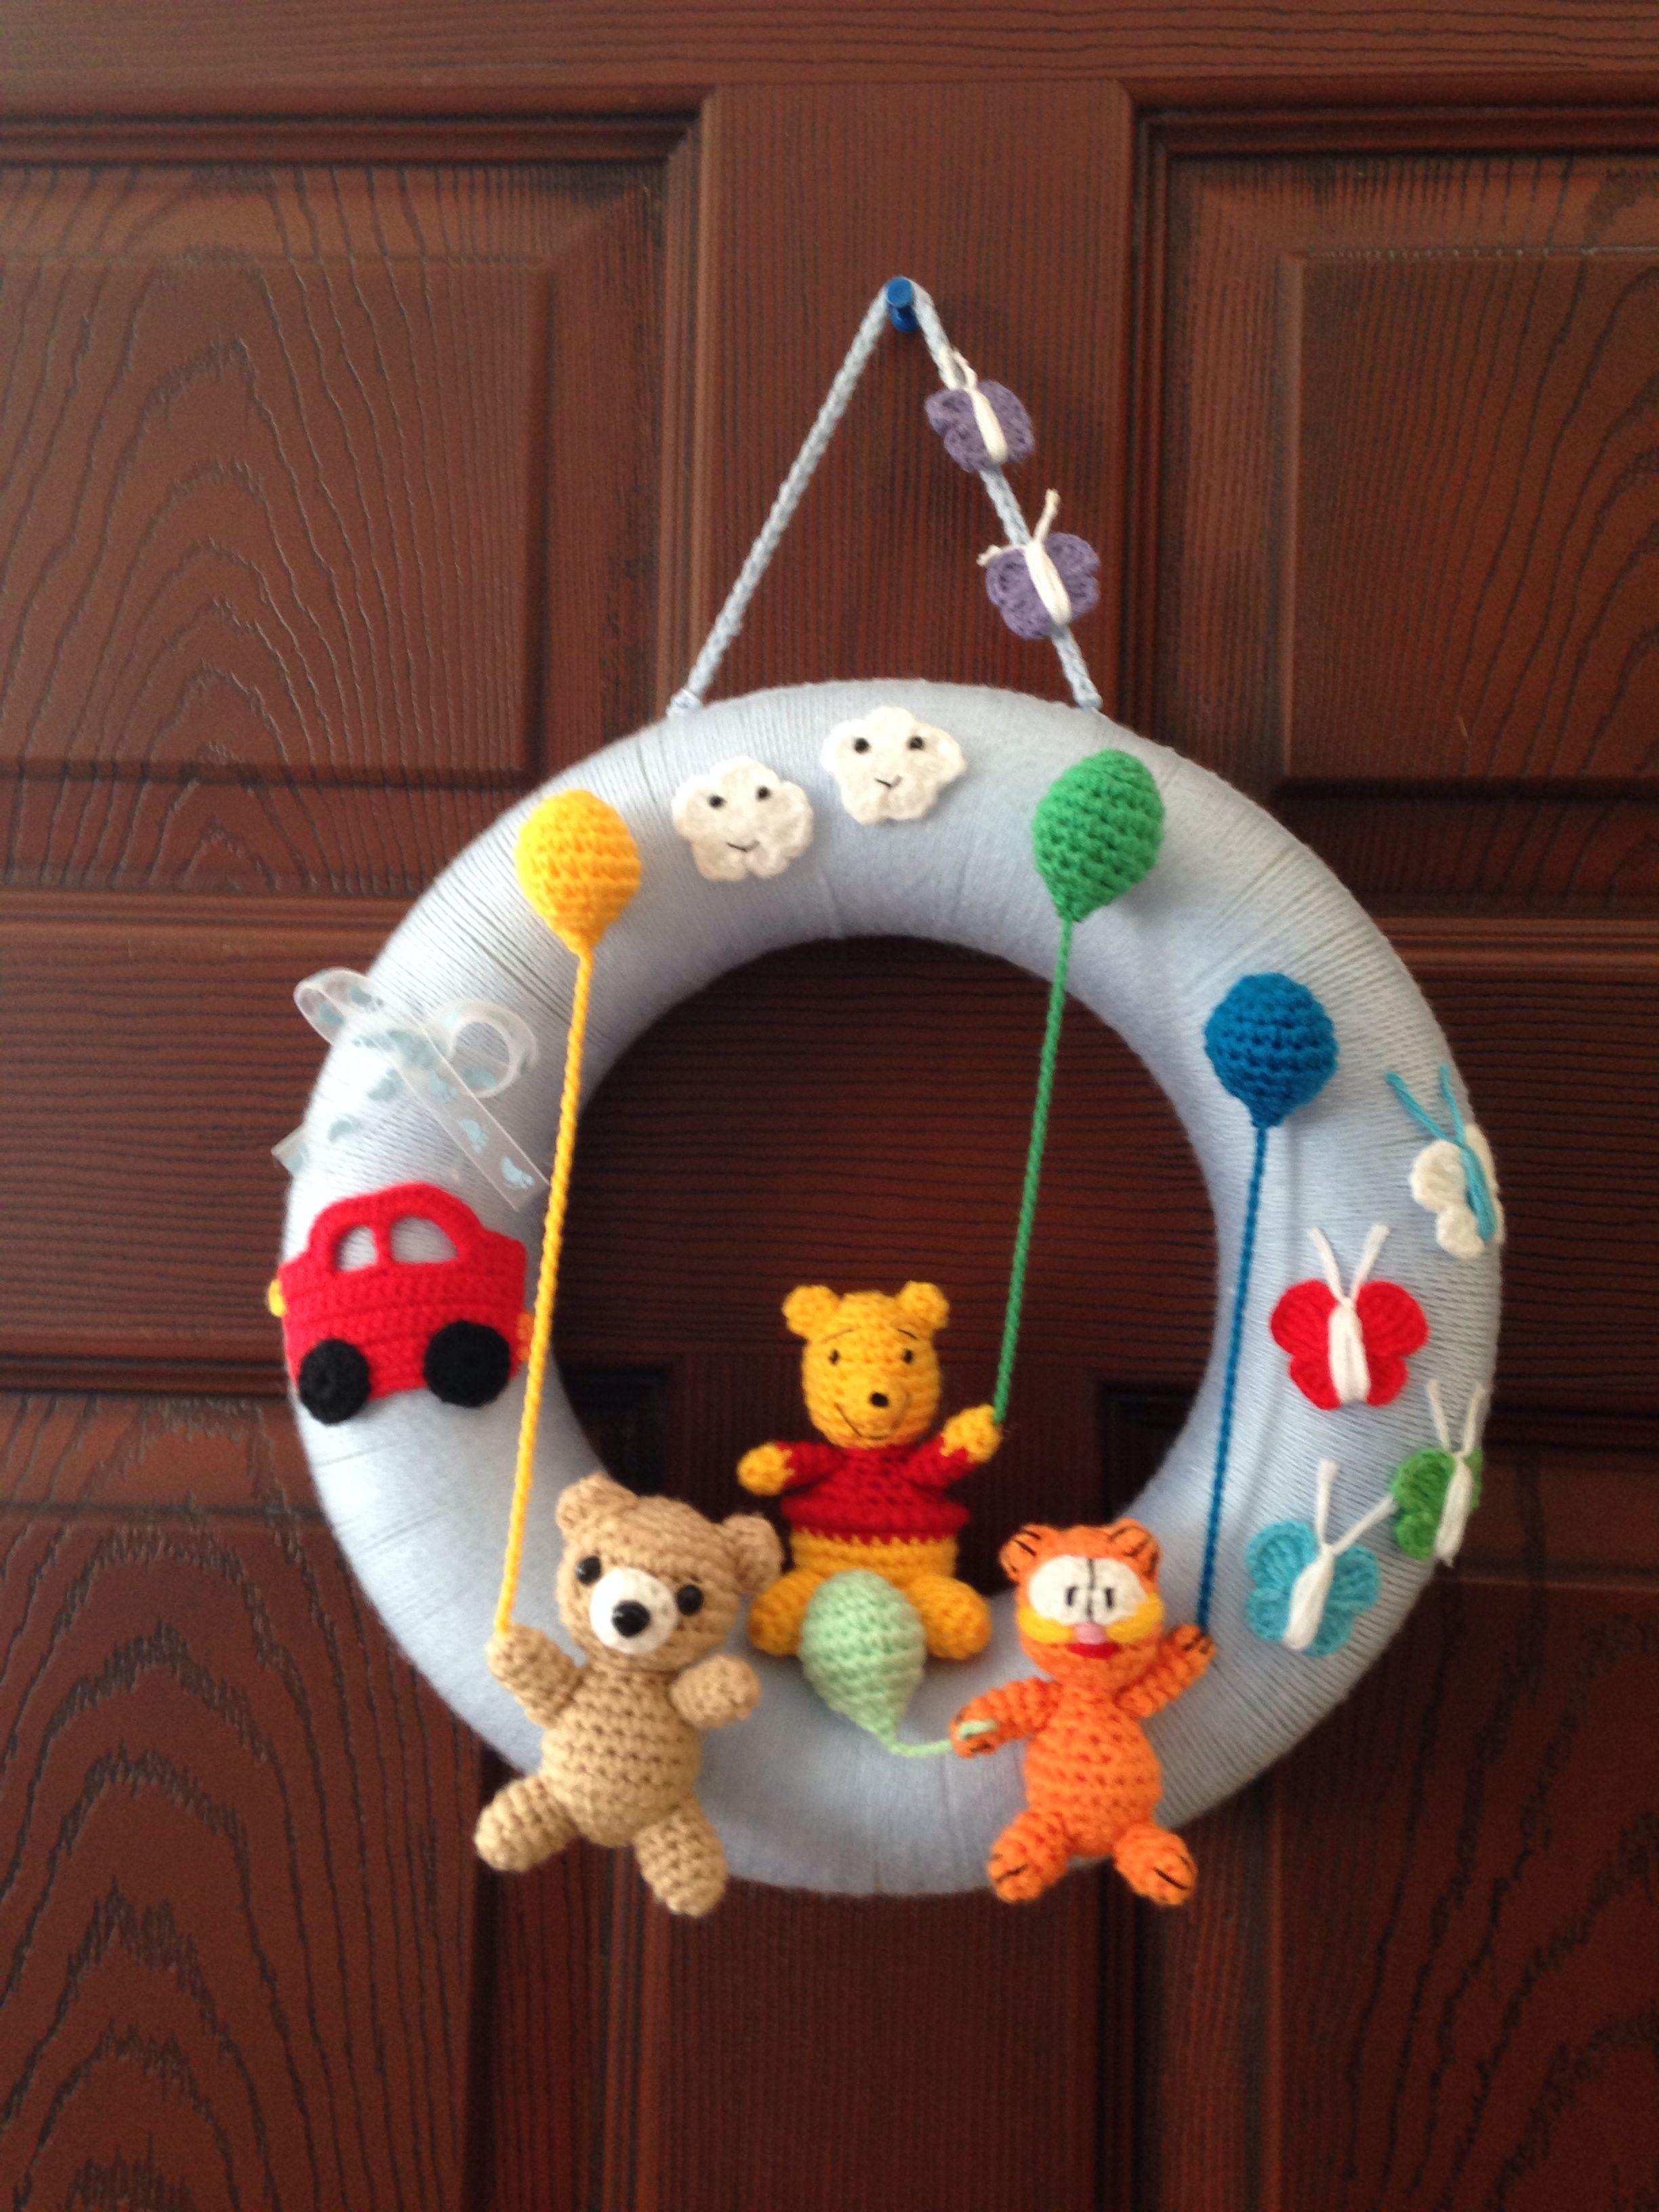 Kids Erkek Bebek Pelüş Oyuncaklar & Fiyatları - n11.com | 3264x2448